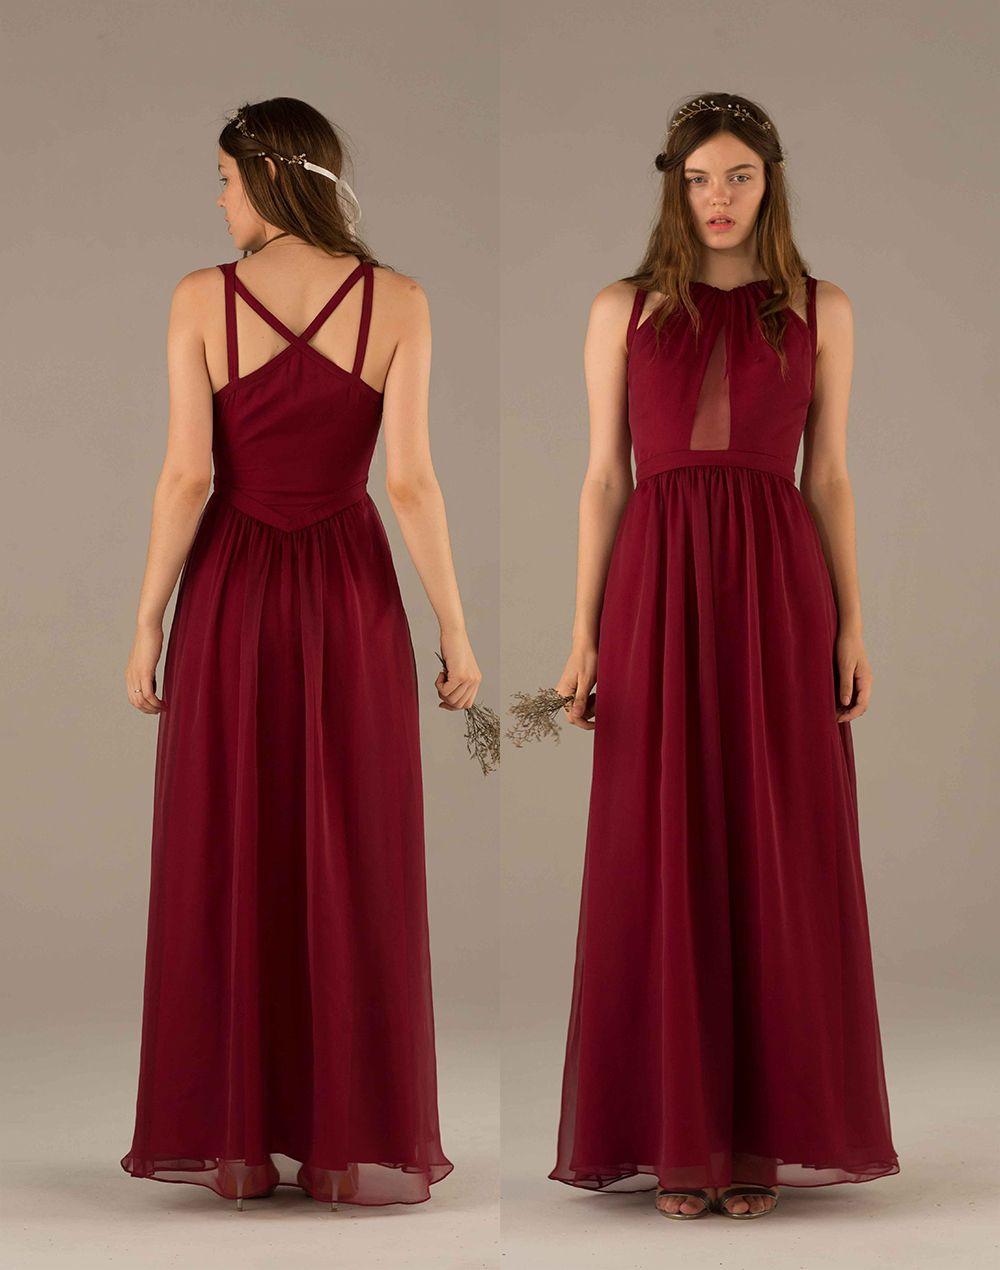 Wine Bridesmaid Dress Dark Red Prom Dress Long Chiffon Wedding Dress Pleated Dress Floor Length Form Wine Bridesmaid Dresses Bridemaid Dress Red Prom Dress